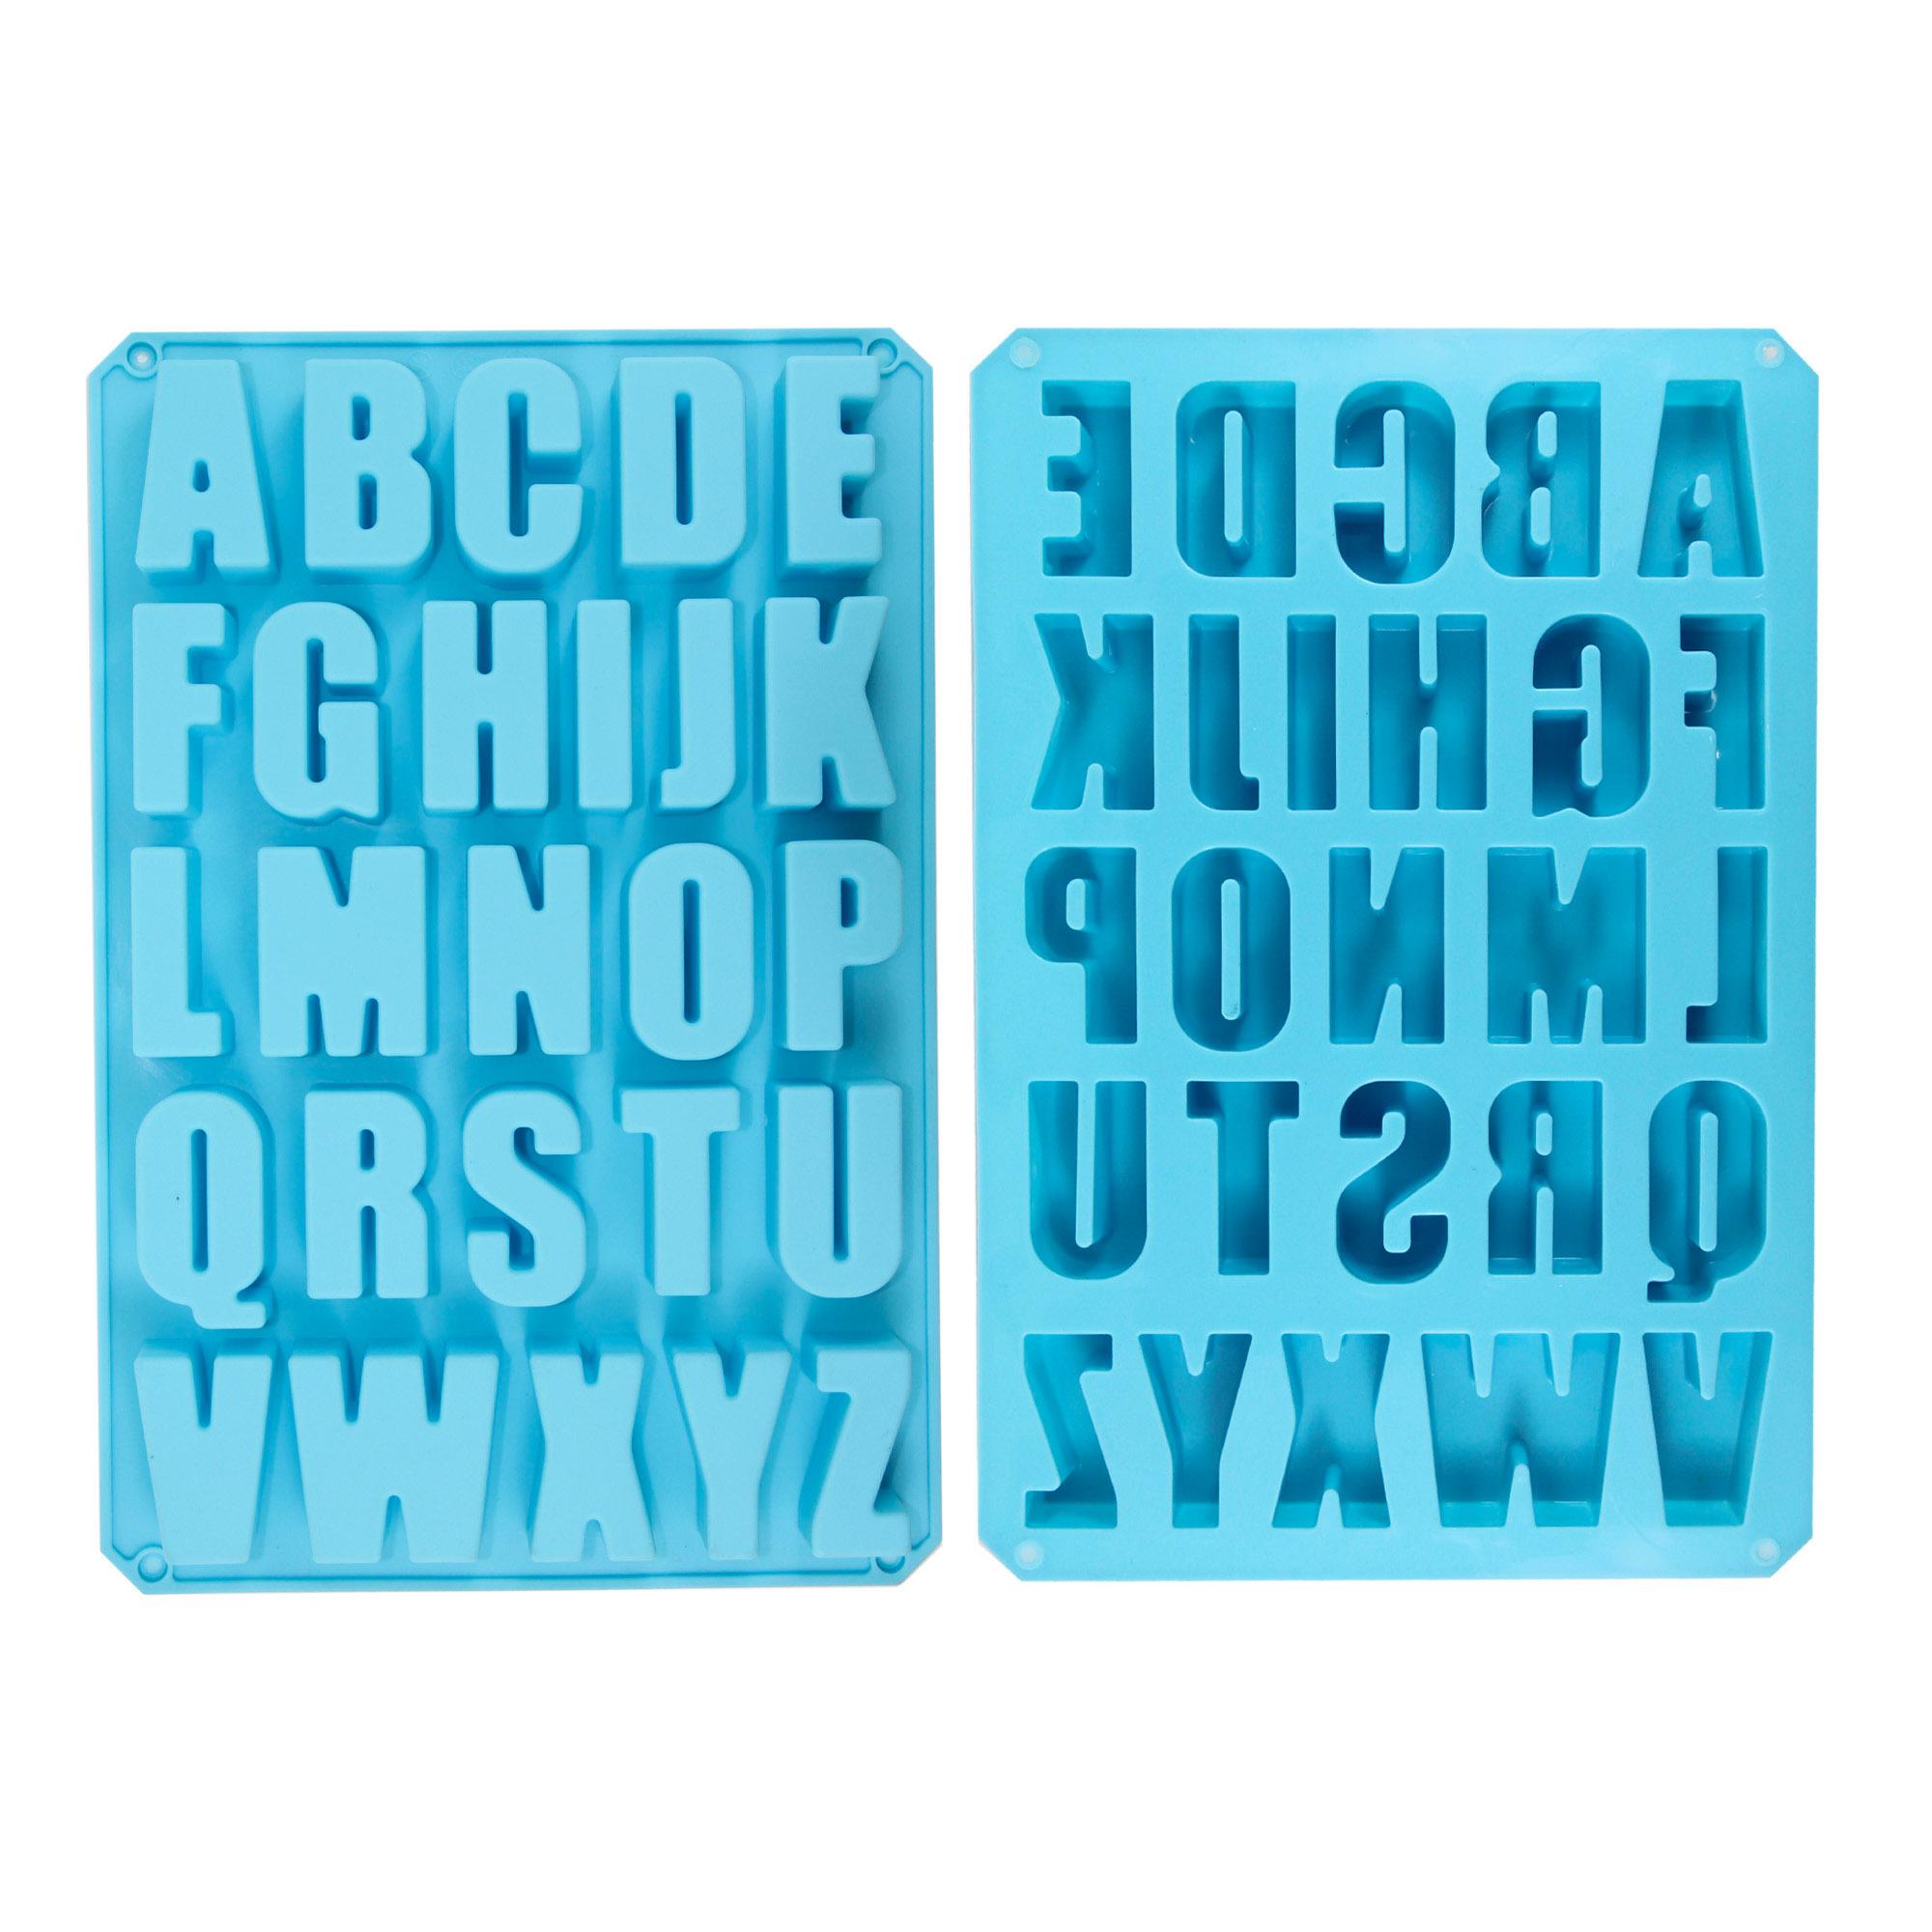 พิมพ์ซิลิโคนตัวอักษรภาษาอังกฤษ TC3033